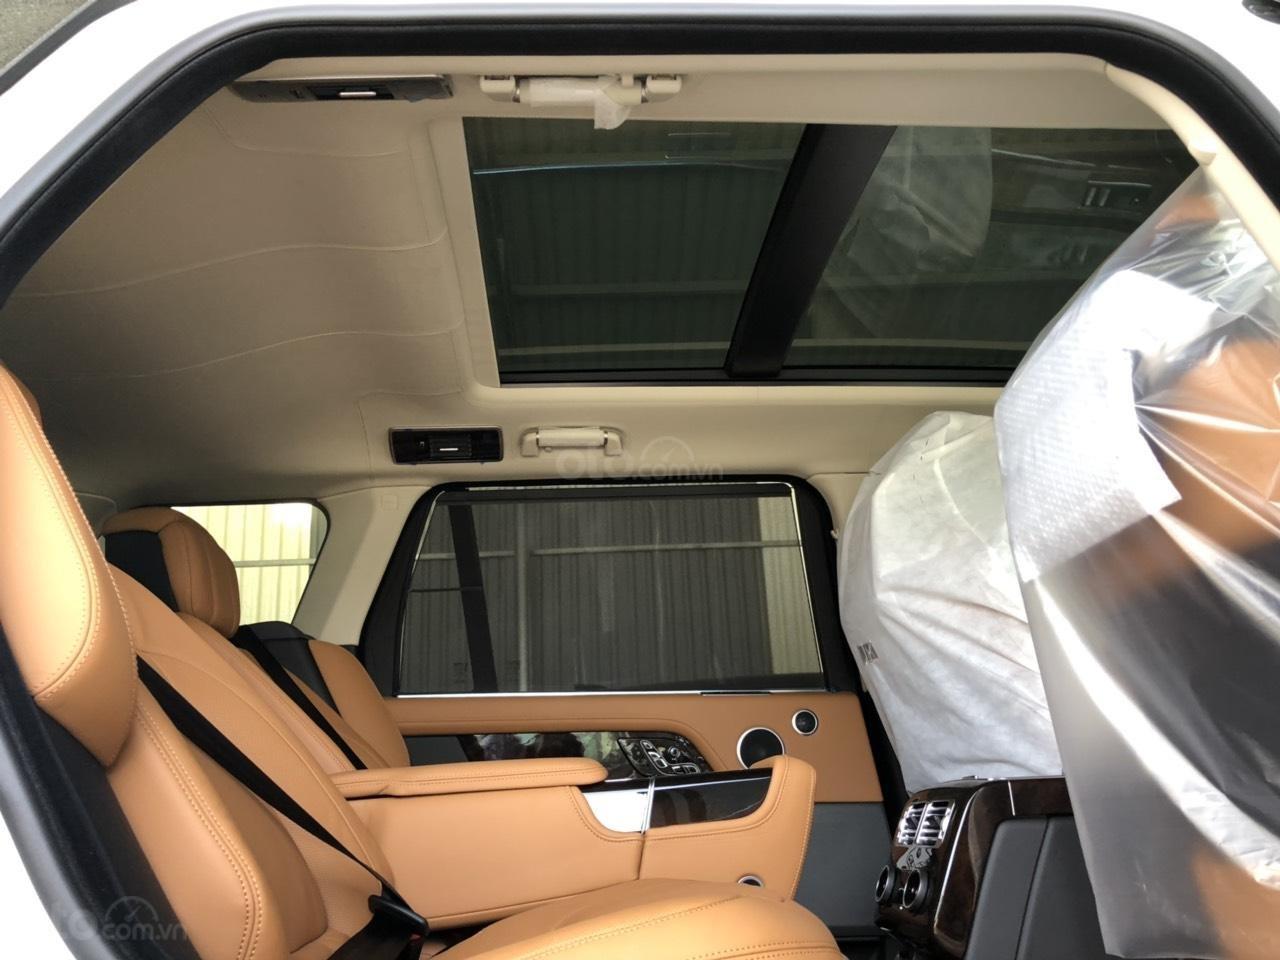 093 22222 53 bán LandRover Range Rover Autobiography Long 2019, màu trắng, đen, xanh, xám - giao xe - toàn quốc (7)